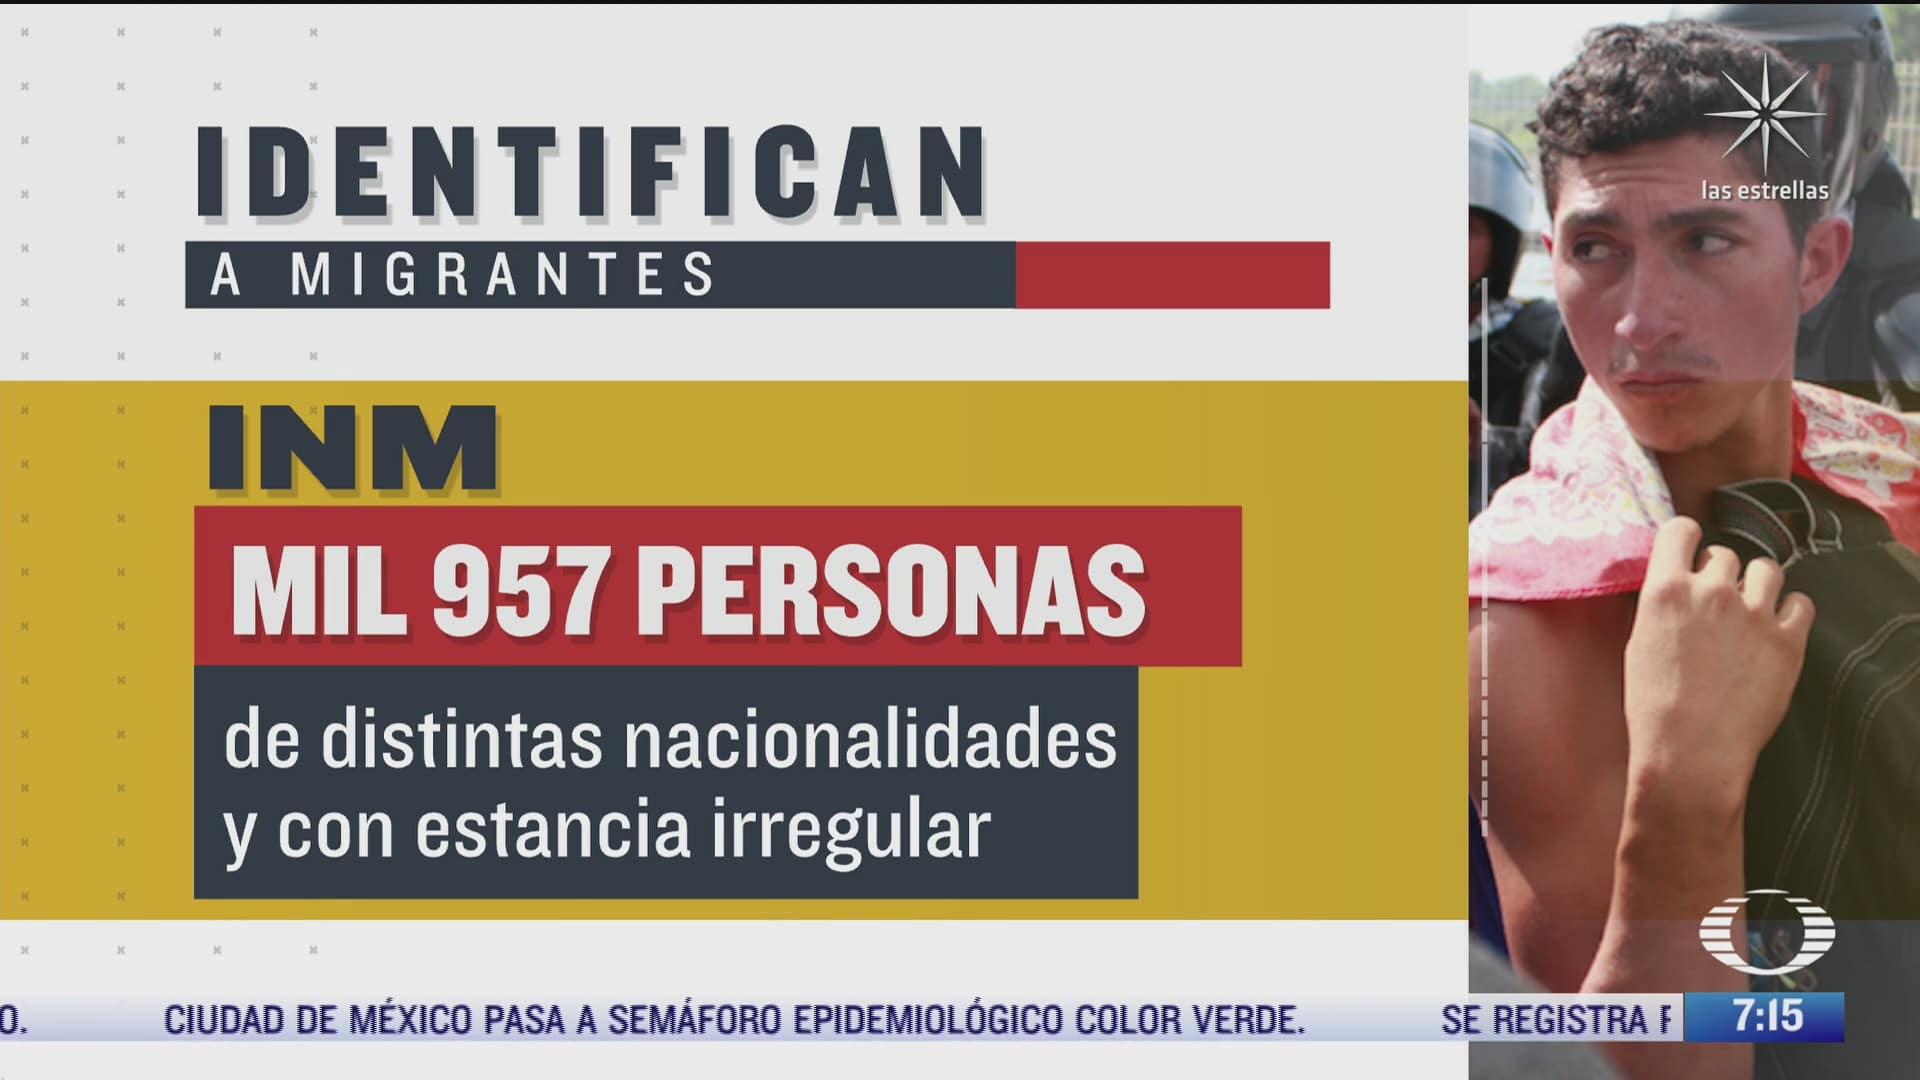 el inm identifica a casi dos mil migrantes con estancia irregular